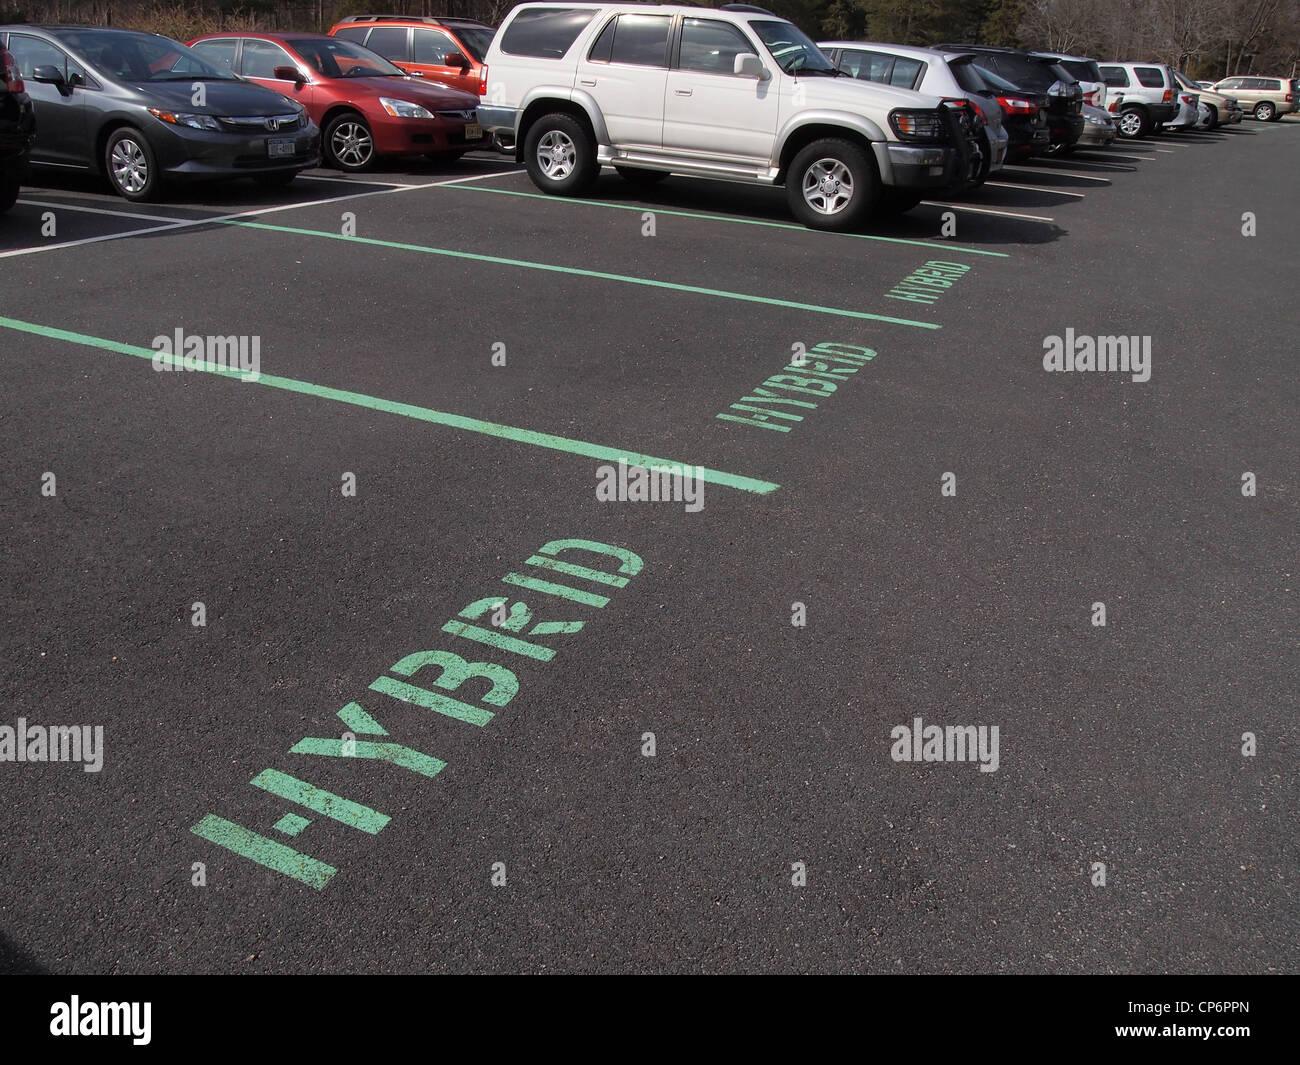 Les places de stationnement réservées aux véhicules hybrides, New York, États-Unis, 8 mars 2012, Photo Stock